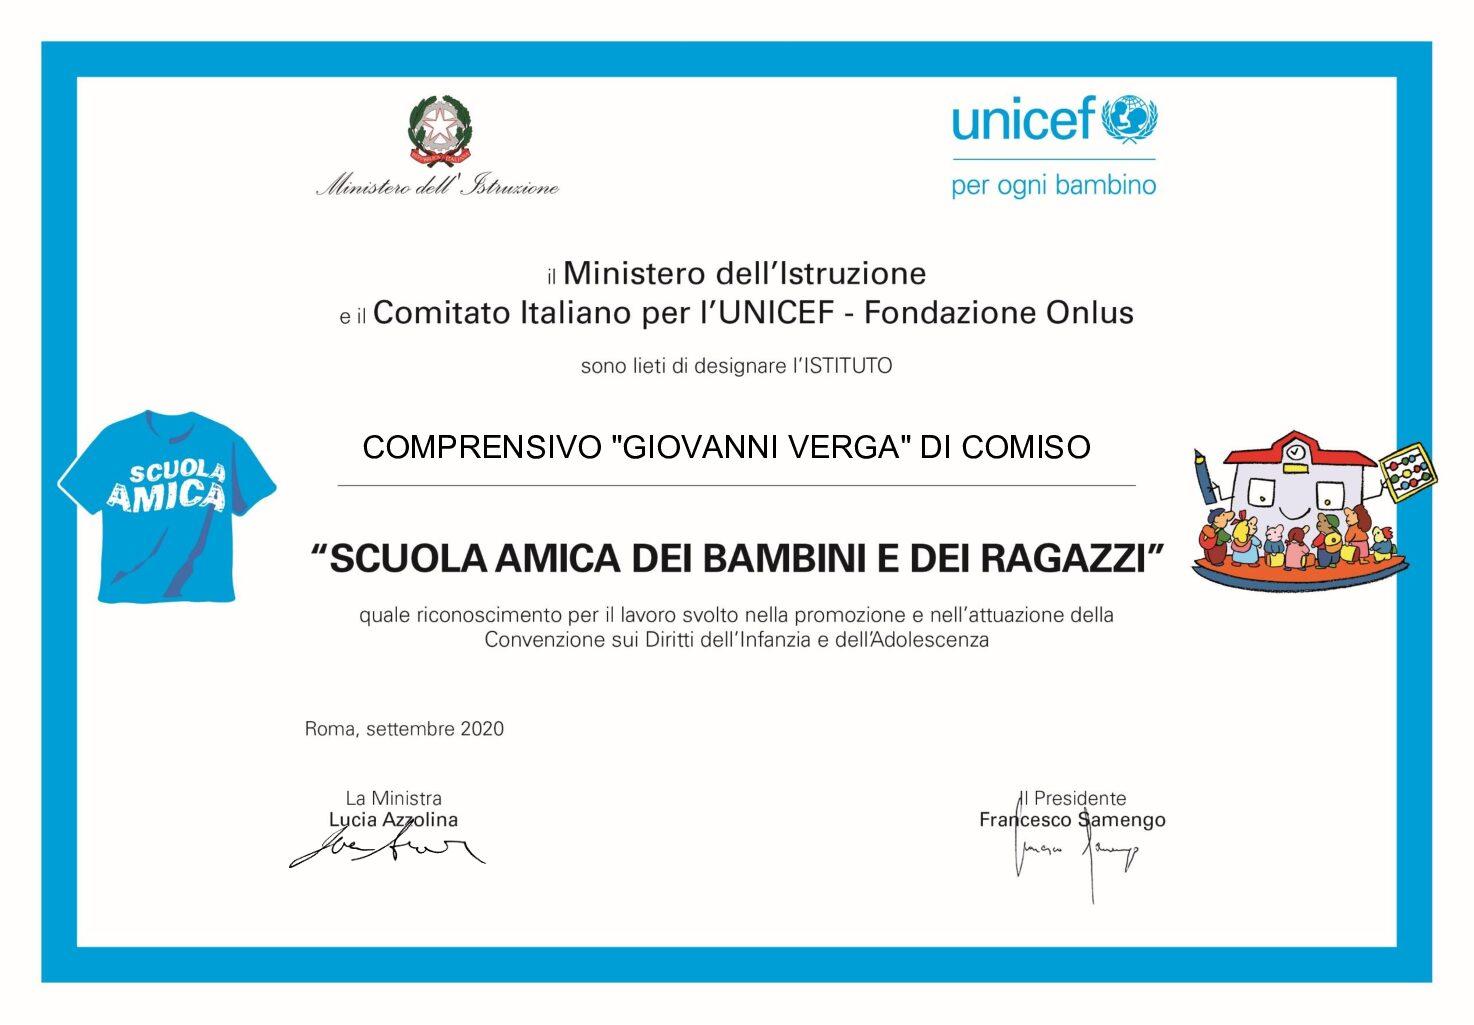 Scuola amica dell'Unicef